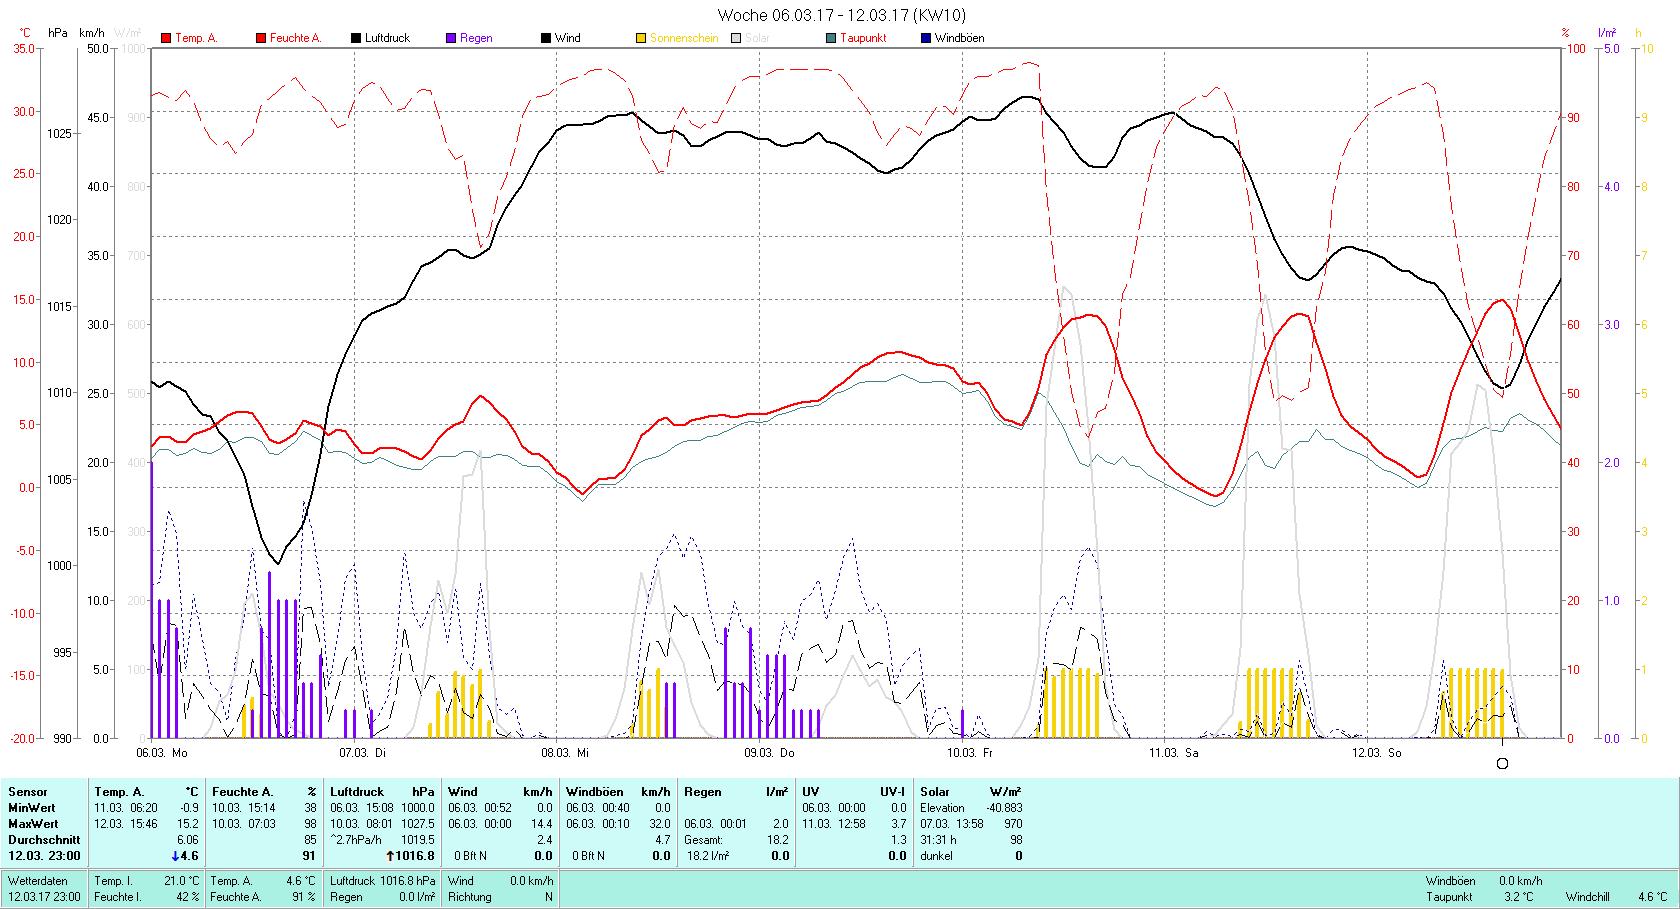 KW 10 Tmin -0.9°C, Tmax 15.2°C, Sonne 31:31h, Niederschlag 18.2mm/2